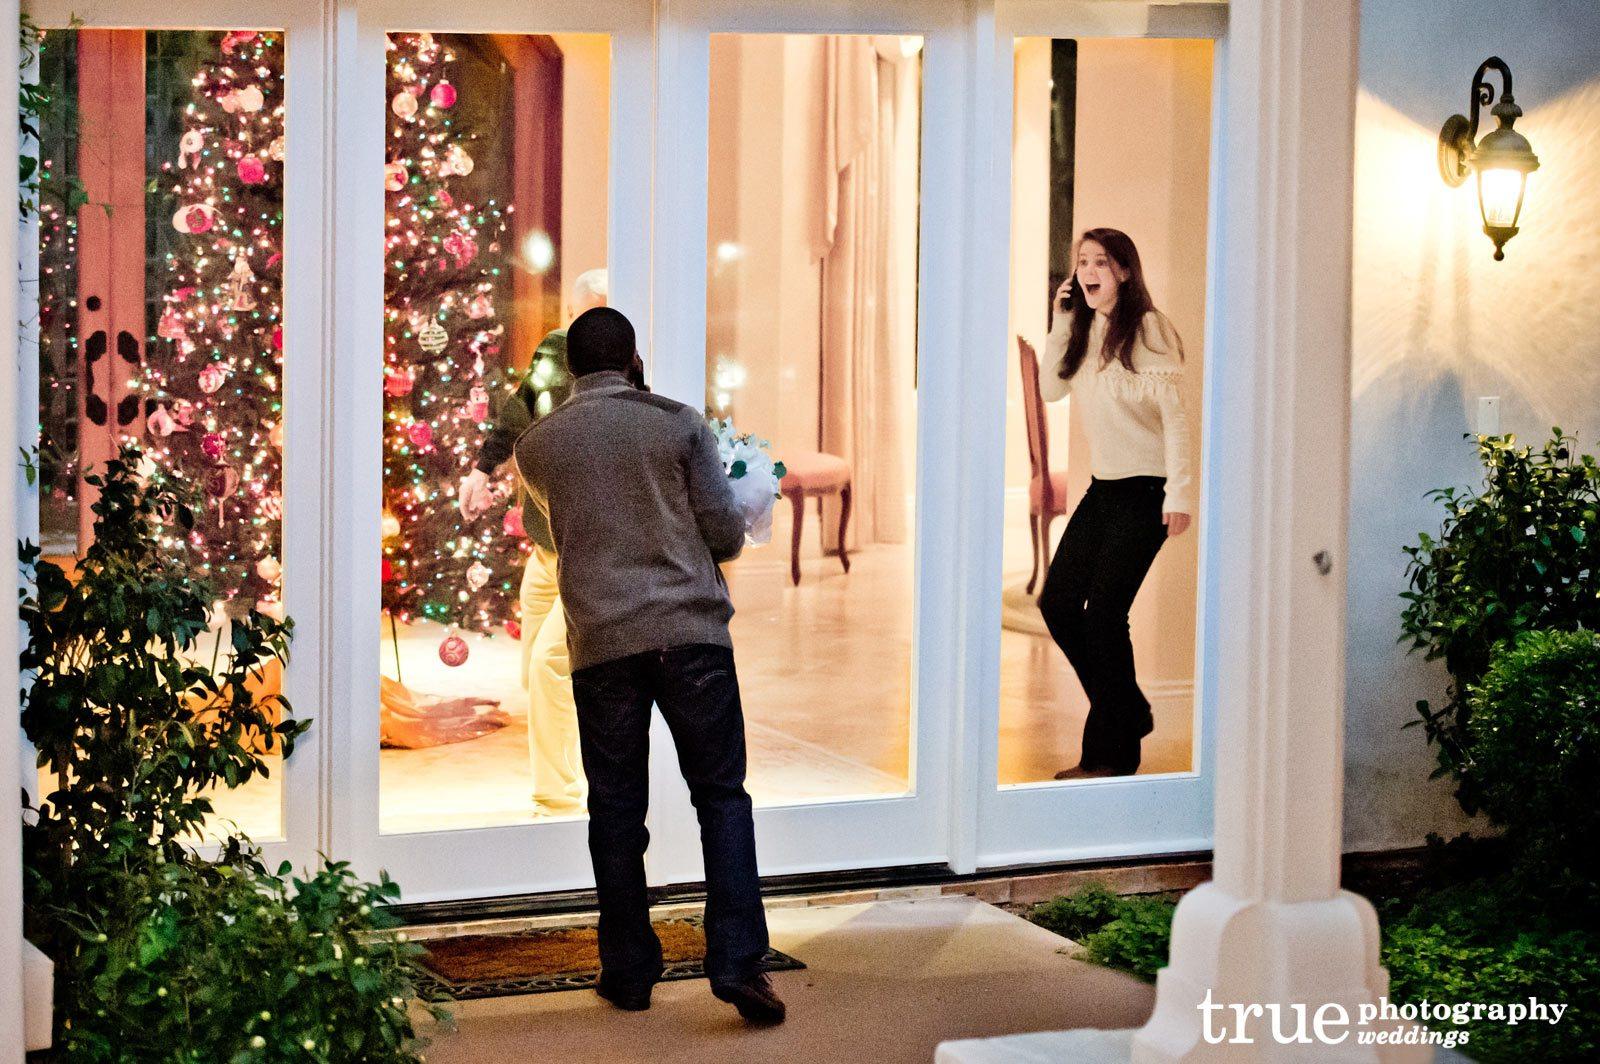 Proposal photo shoot surprise engagement rancho santa fe for Surprise engagement photo shoot